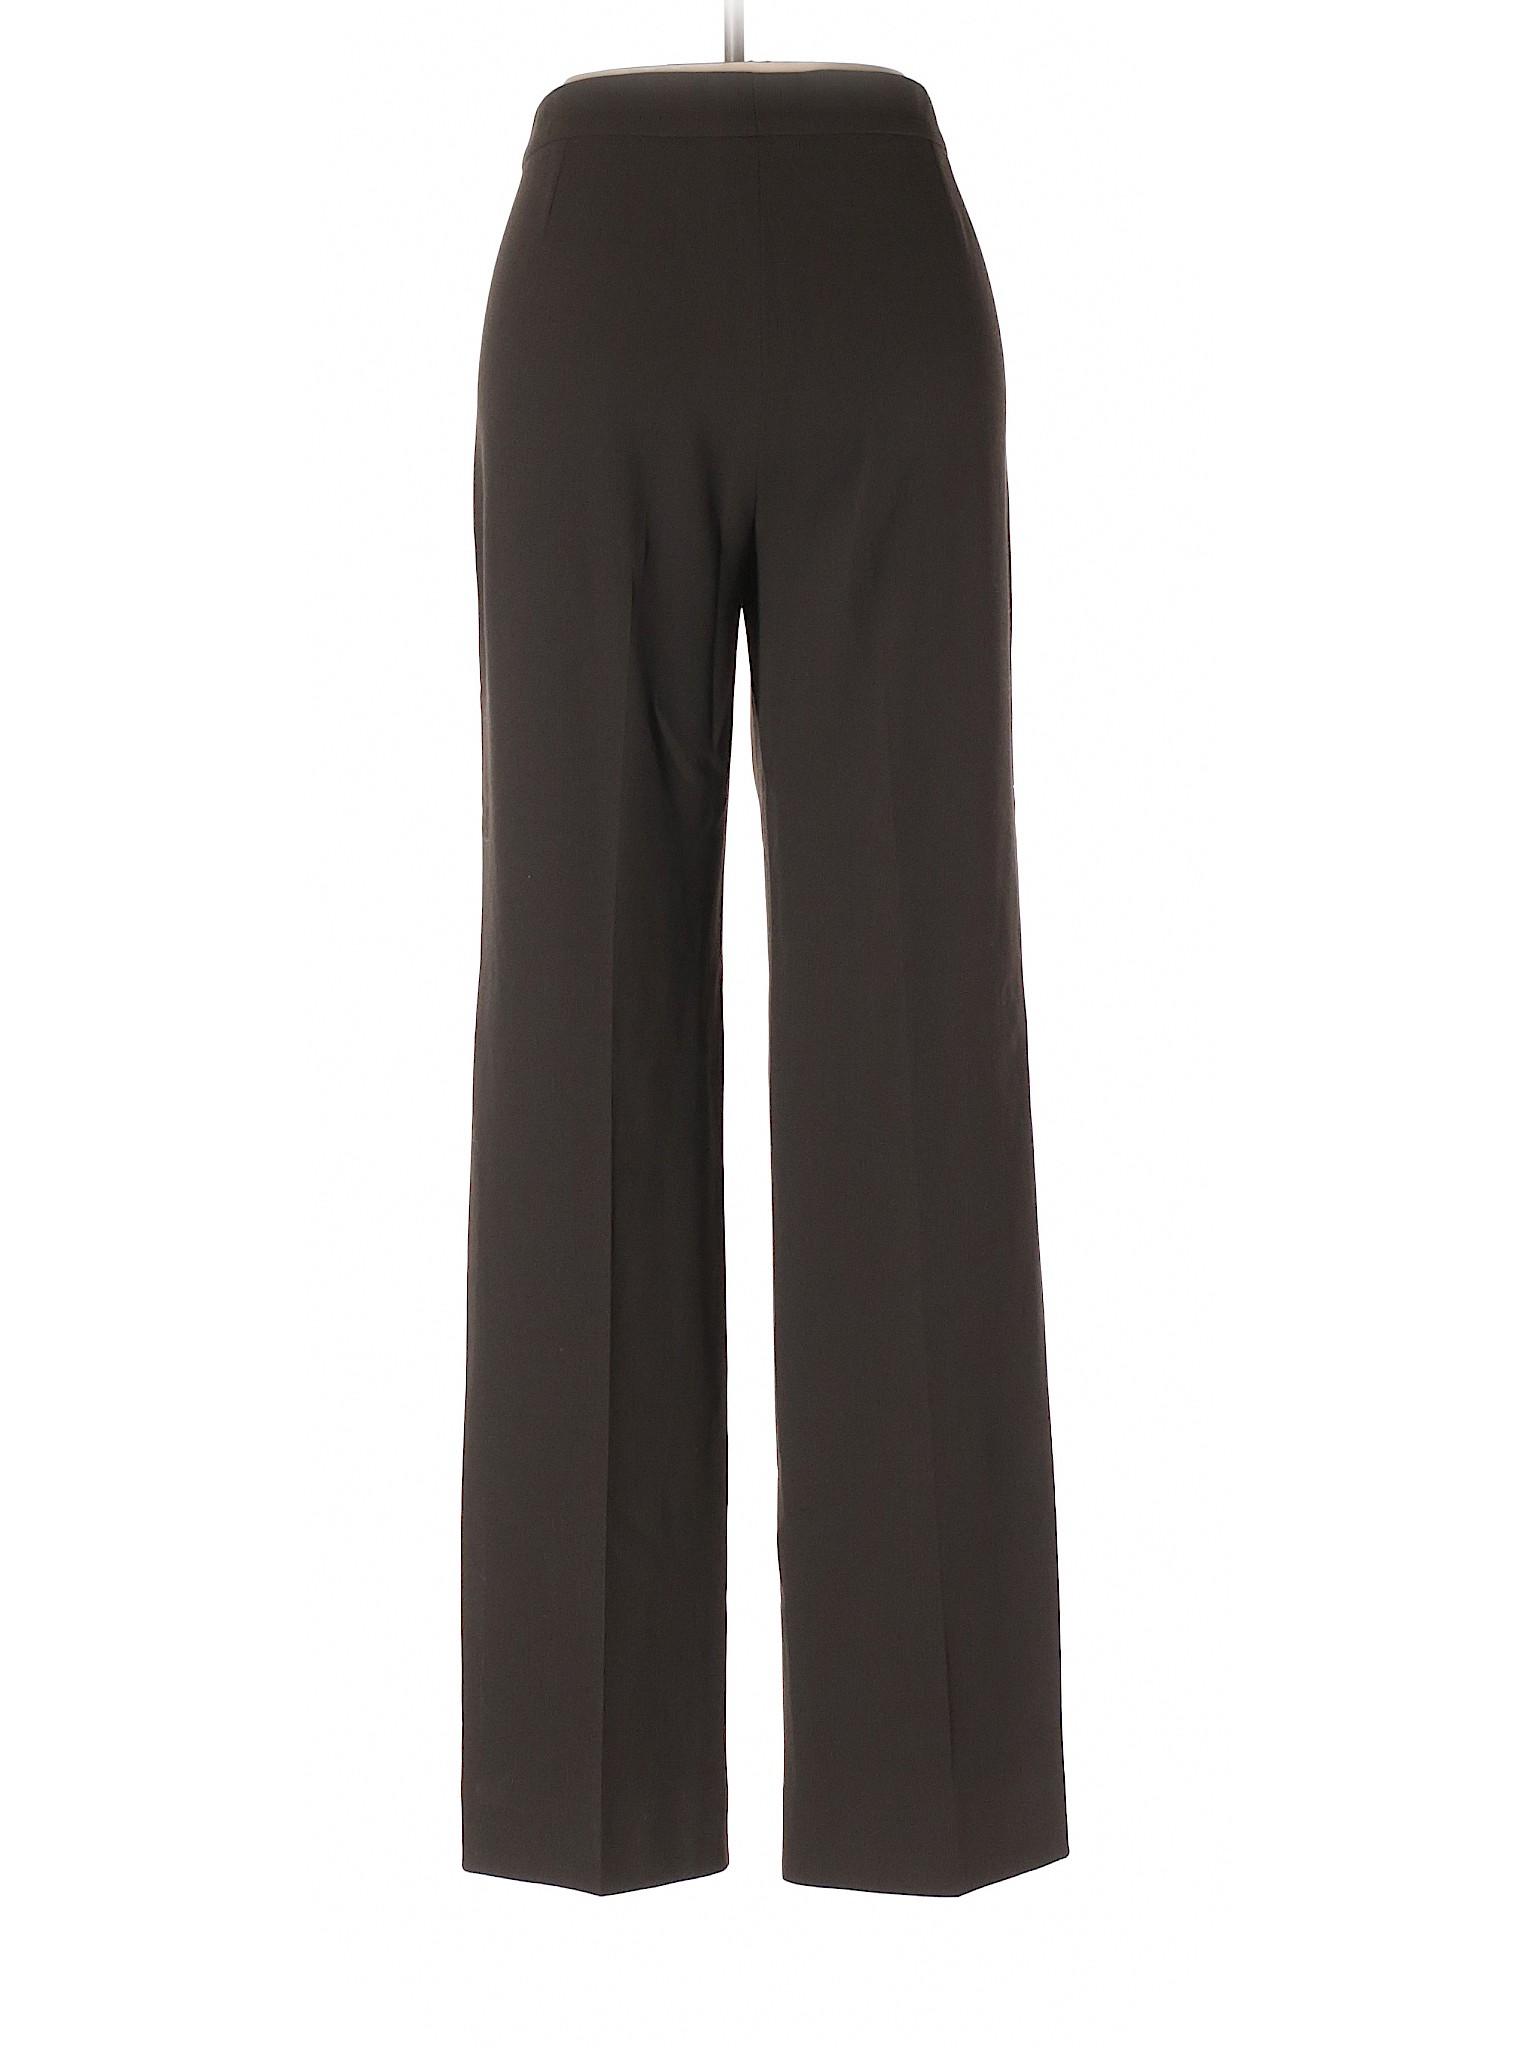 Collezioni Armani winter Boutique Pants Dress CYSwz0Exq